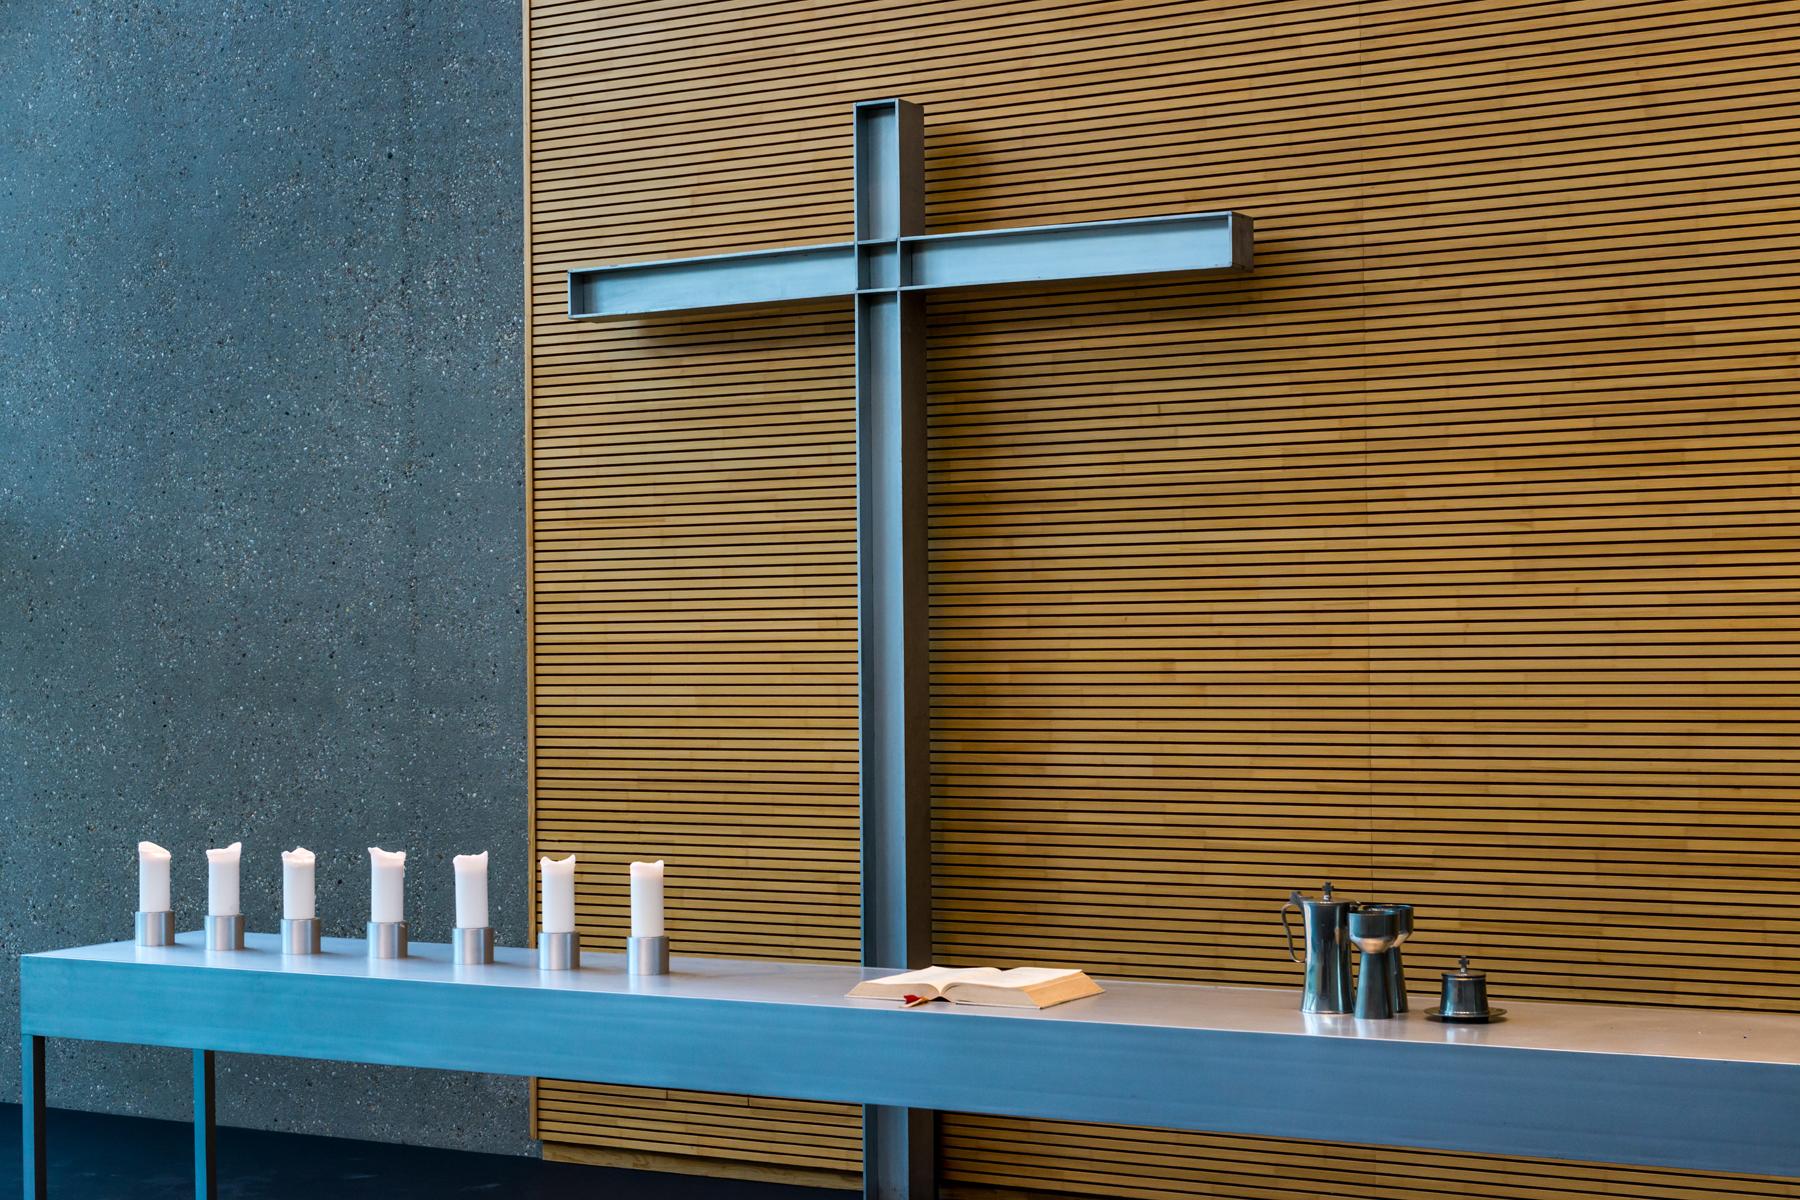 Altar der Evangelischen Johanneskirche mit Kerzen, Bibel sowie Kanne, Kelche und Oblatendose